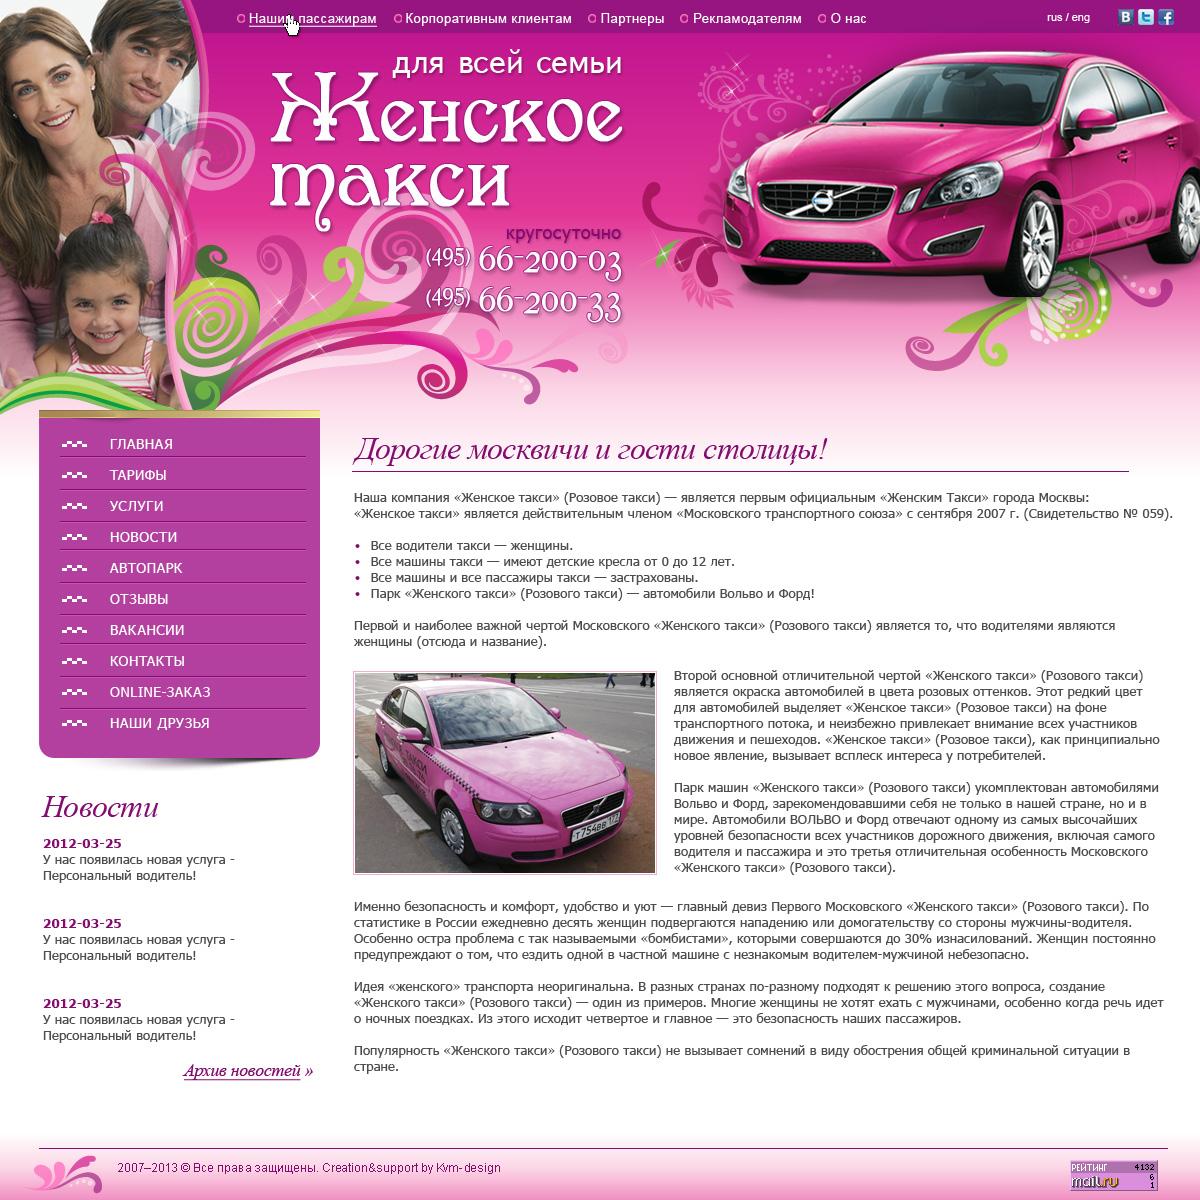 6 необычных московских такси православное женское